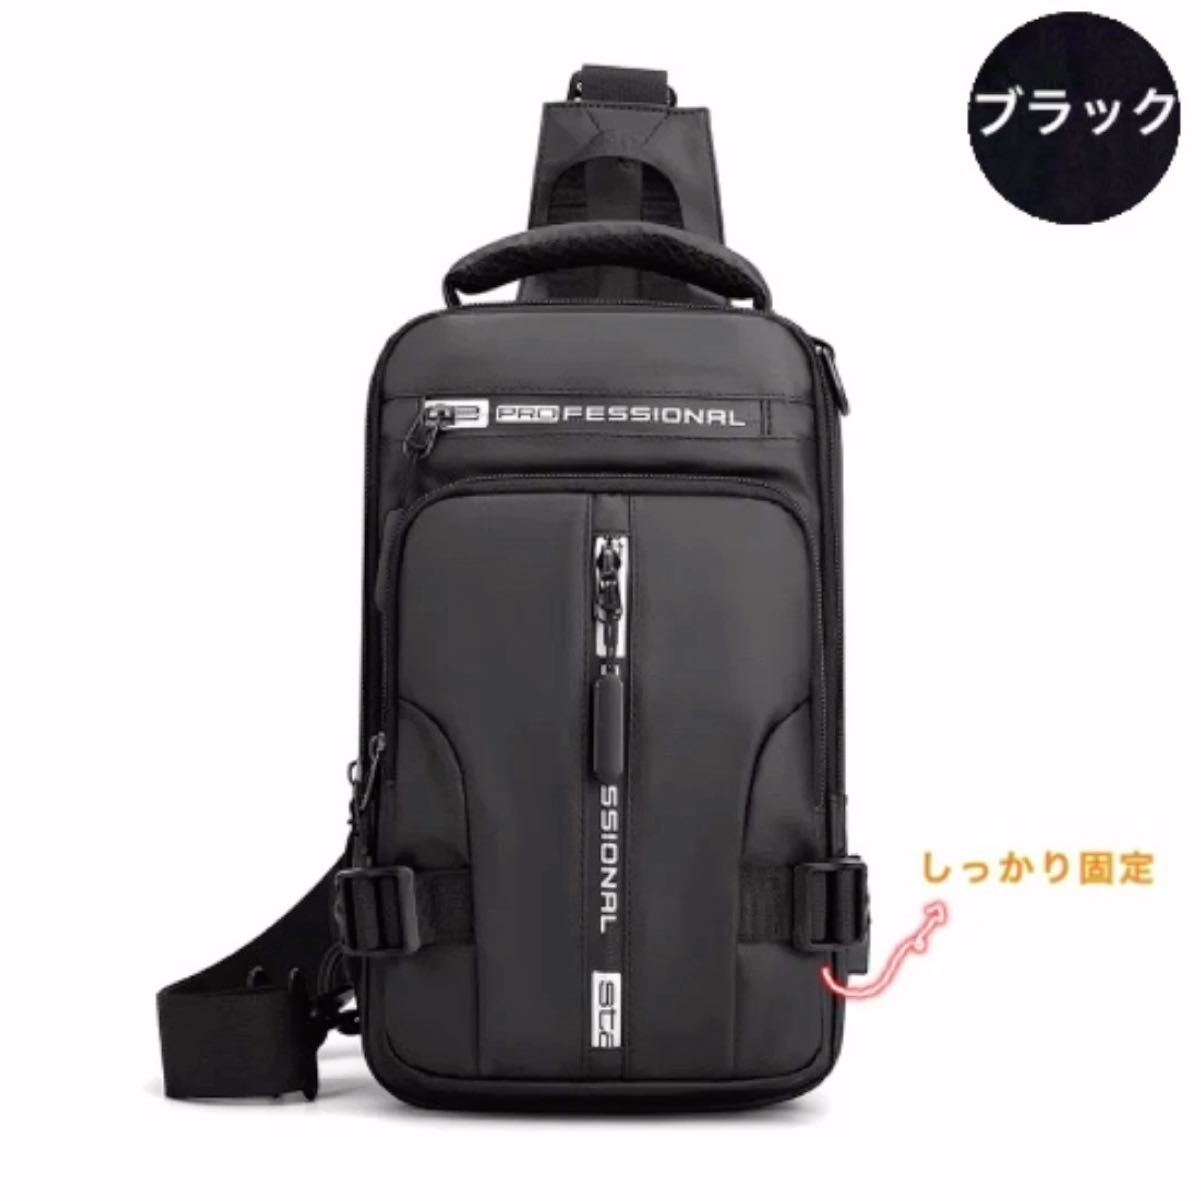 ボディバッグ リュックサック 斜め掛け ハンドバッグ  多機能軽量  大容量 撥水加工 ナイロン 男女兼用 USBポート ブラック